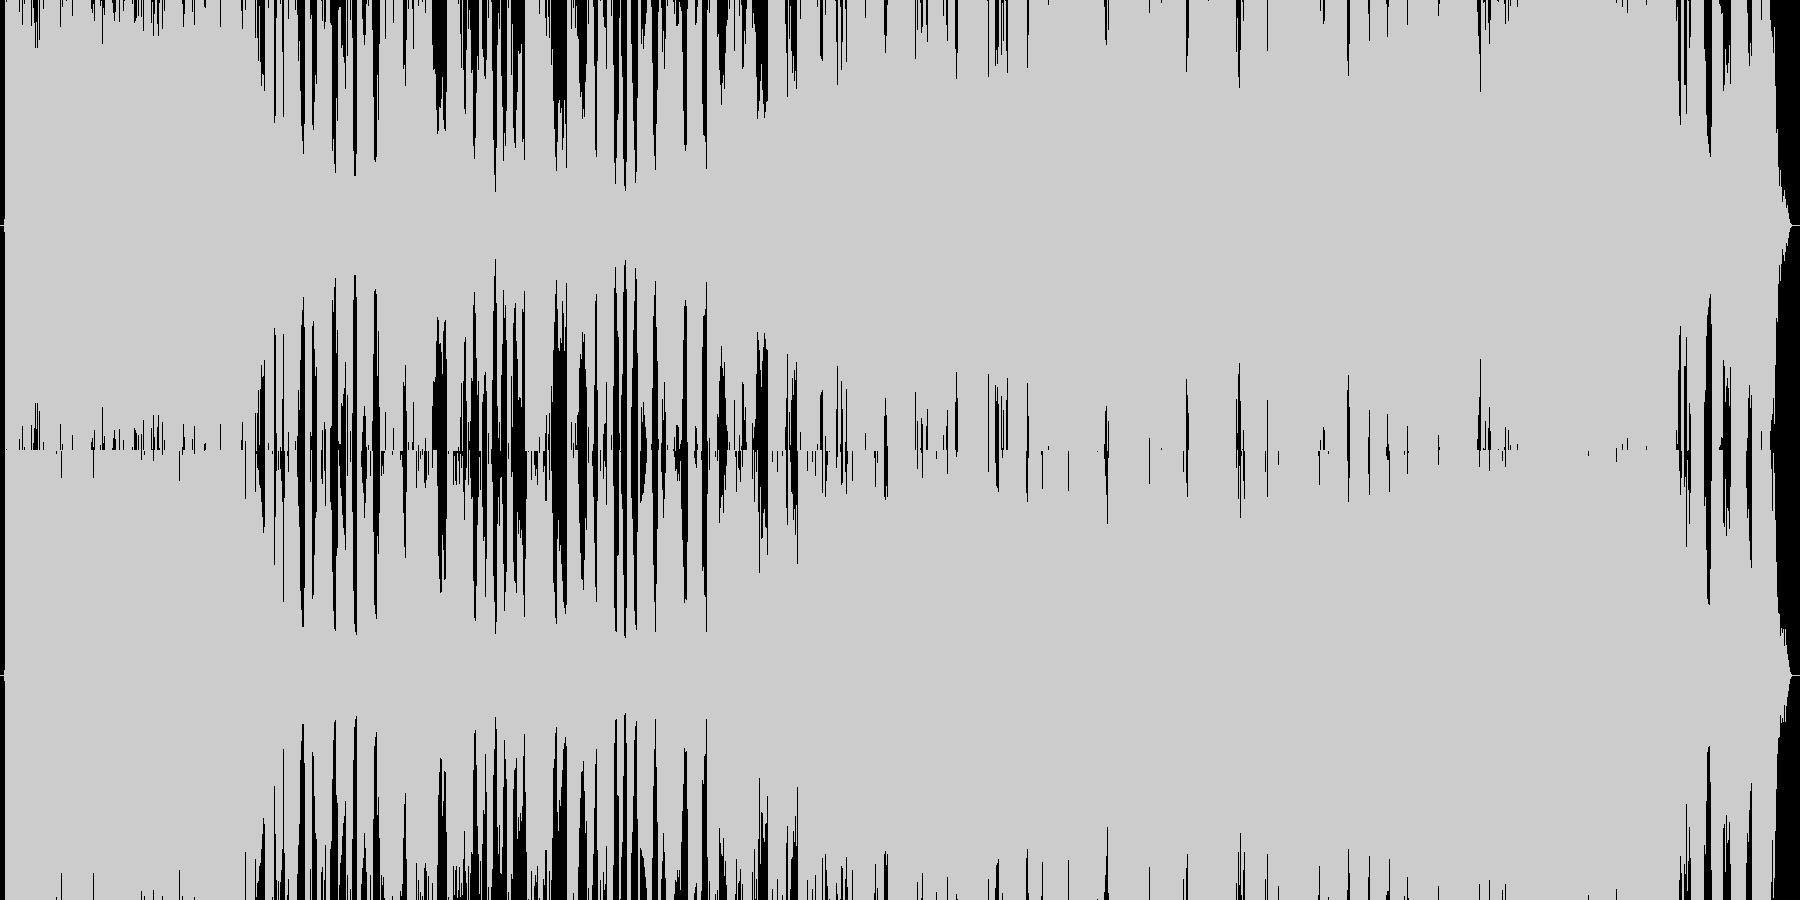 疾走感のあるガールズロック(30秒verの未再生の波形